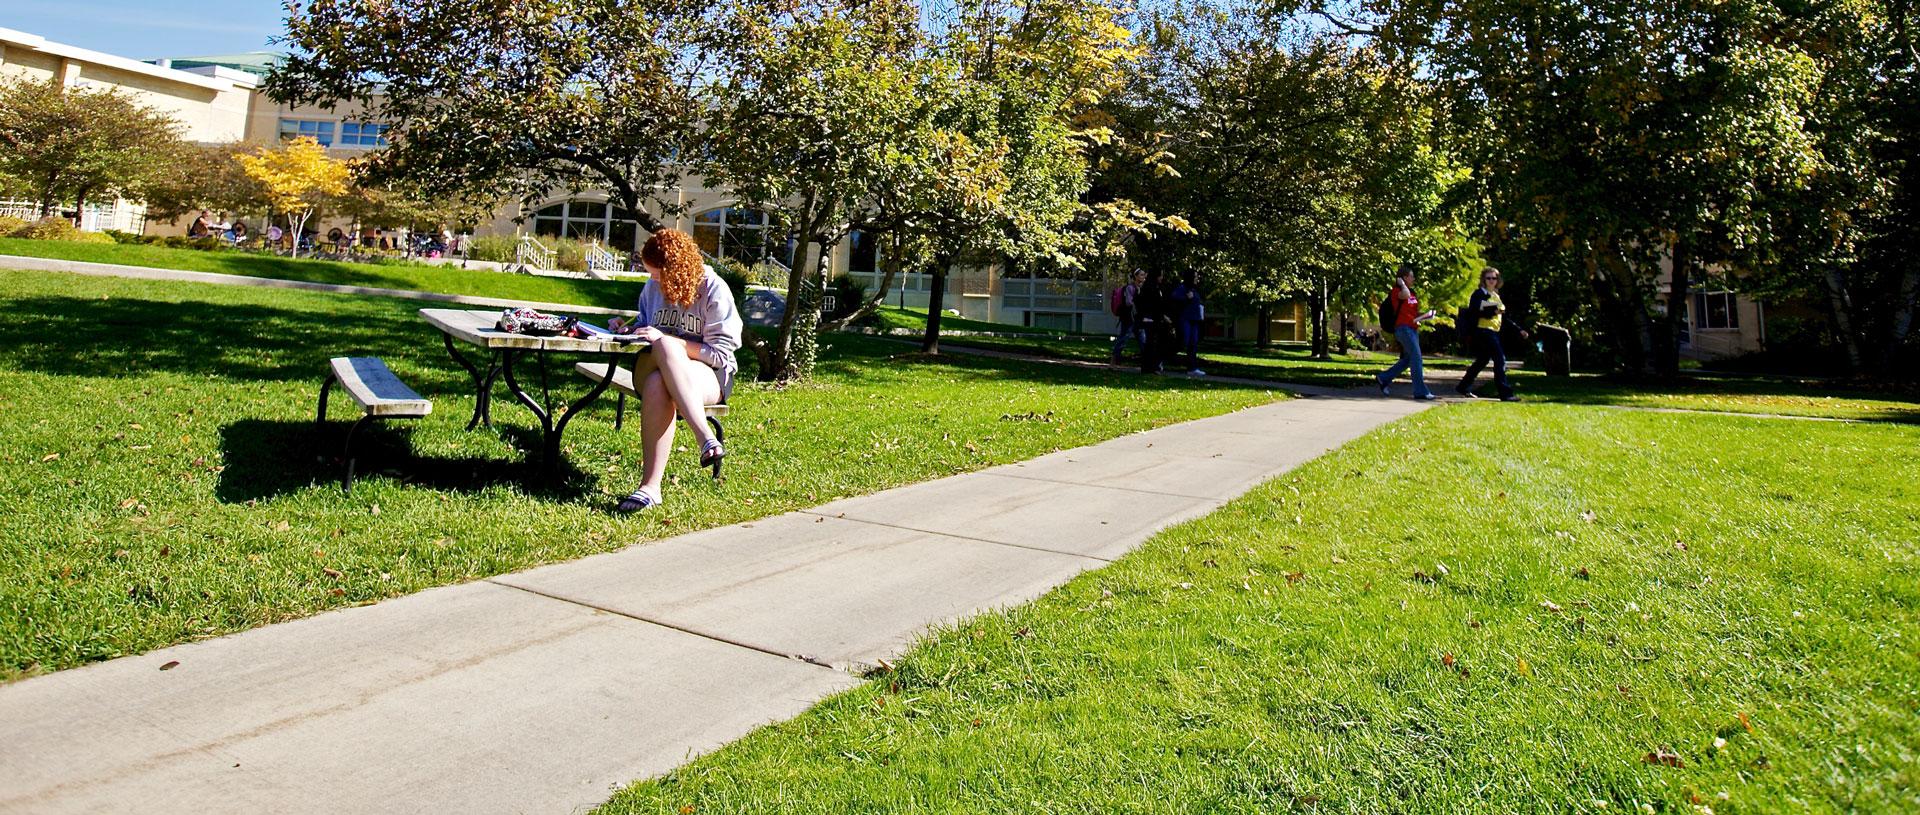 Undergrad female studying outdoors.